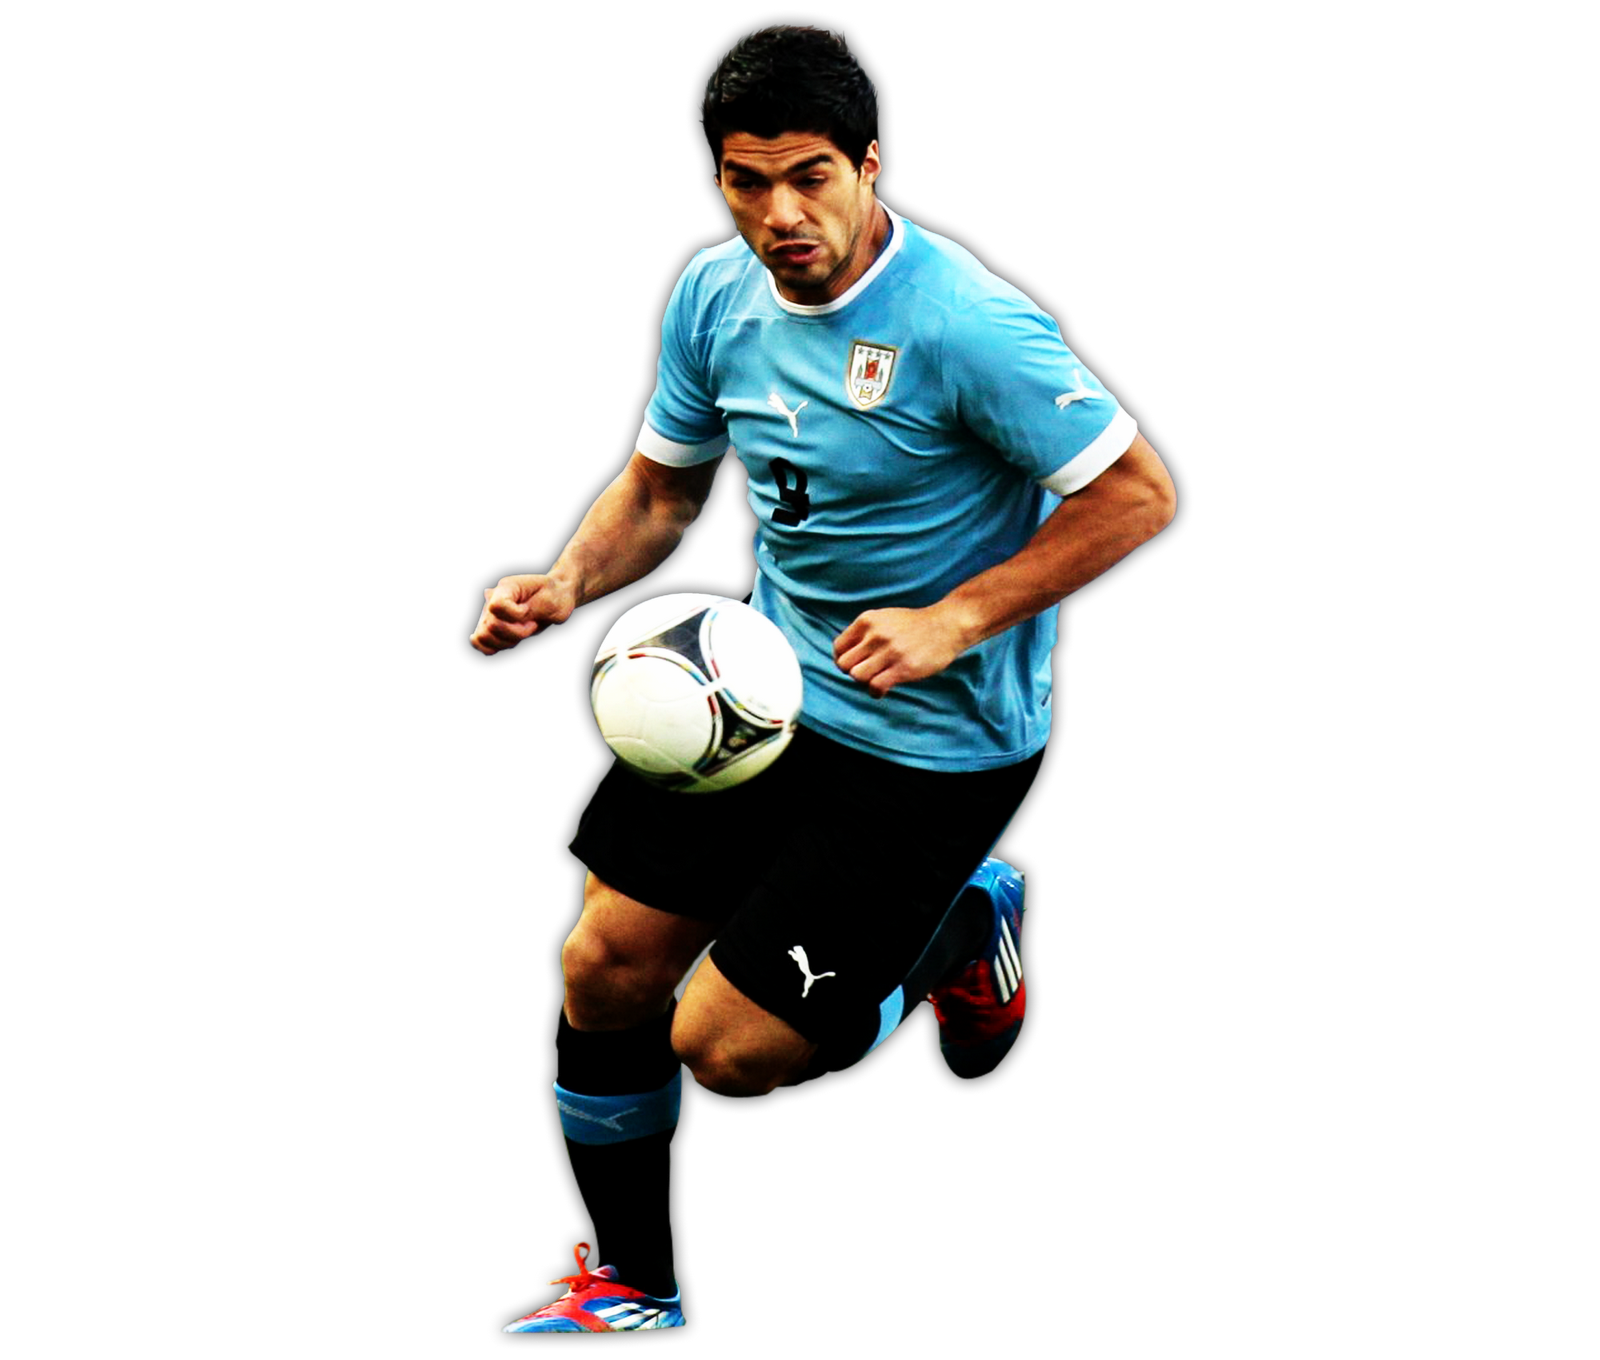 Imagenes De La Seleccion Argentina De Futbol - AFA Selección Argentina Facebook